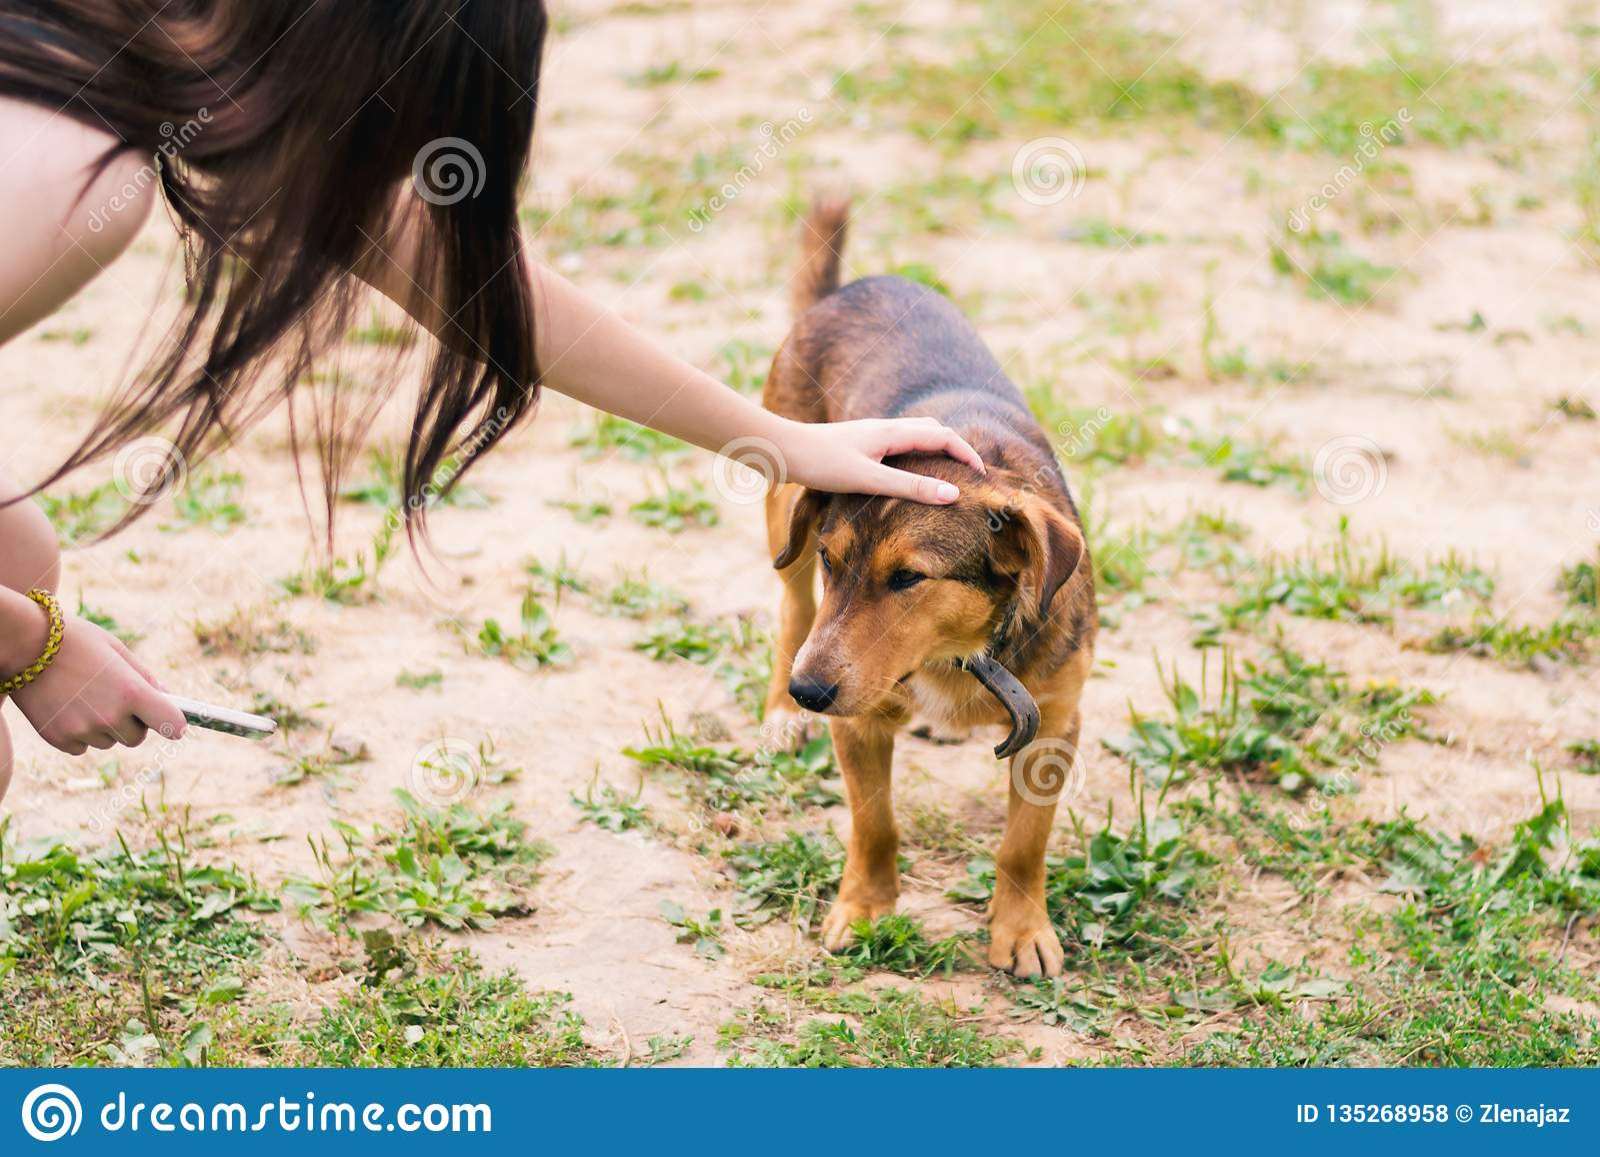 Mädchenanschläge der Kopf des braunen glatt-haarigen Hundes in einem Kragen